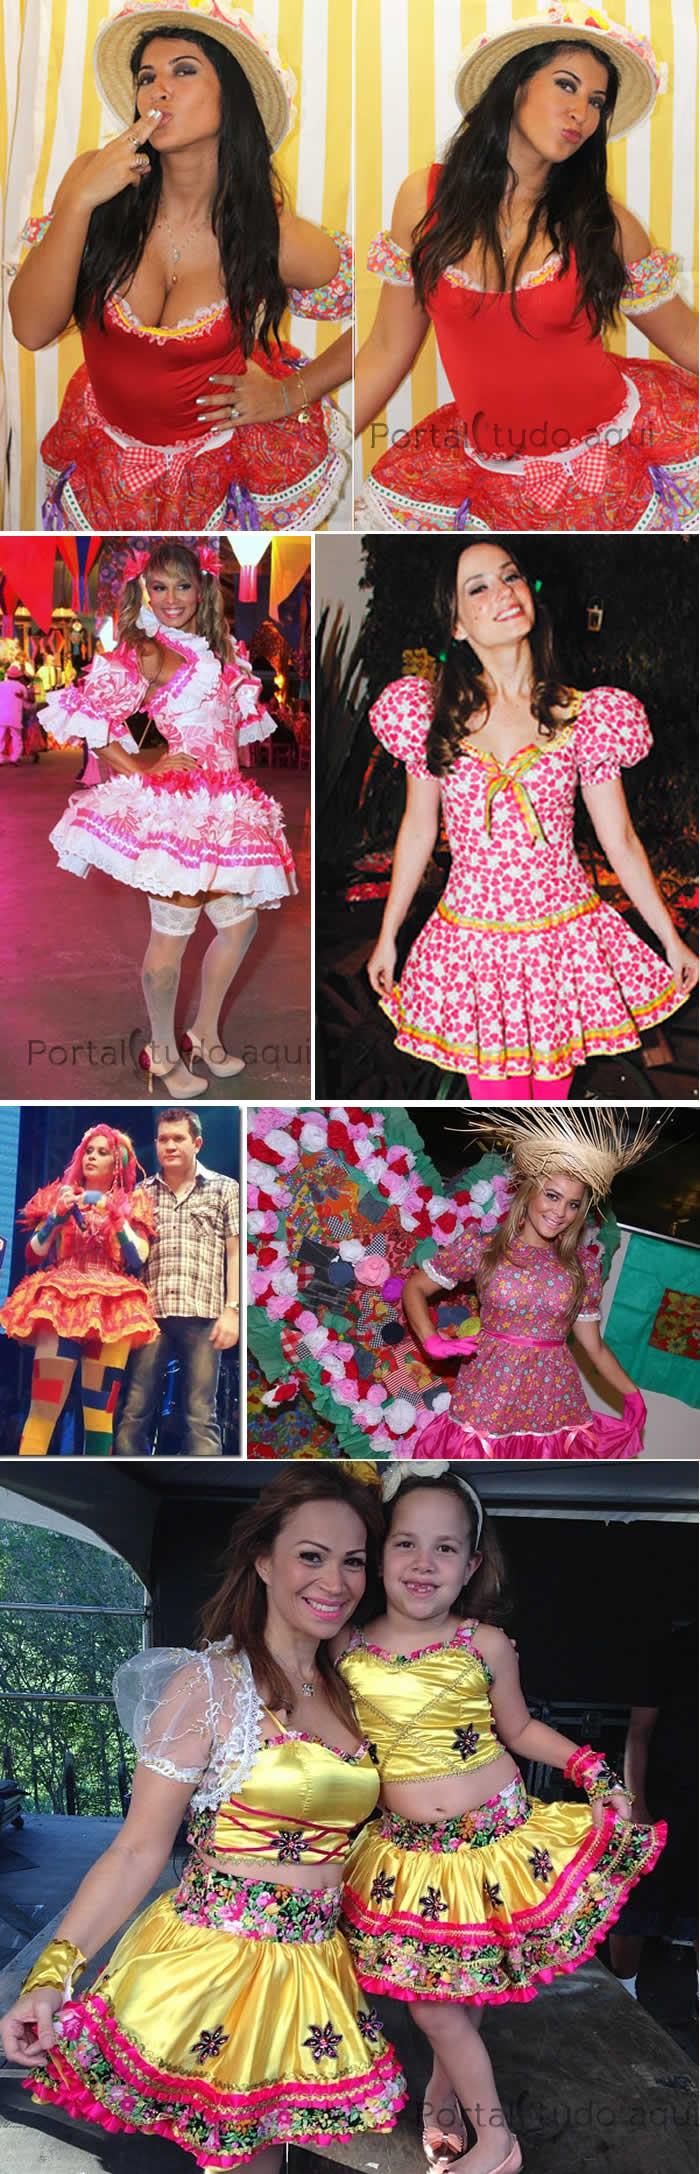 de3eebb41 Veja nesta matéria dicas de fotos com ideias de trajes para festa junina  inspiradas nas roupas caipira das famosas